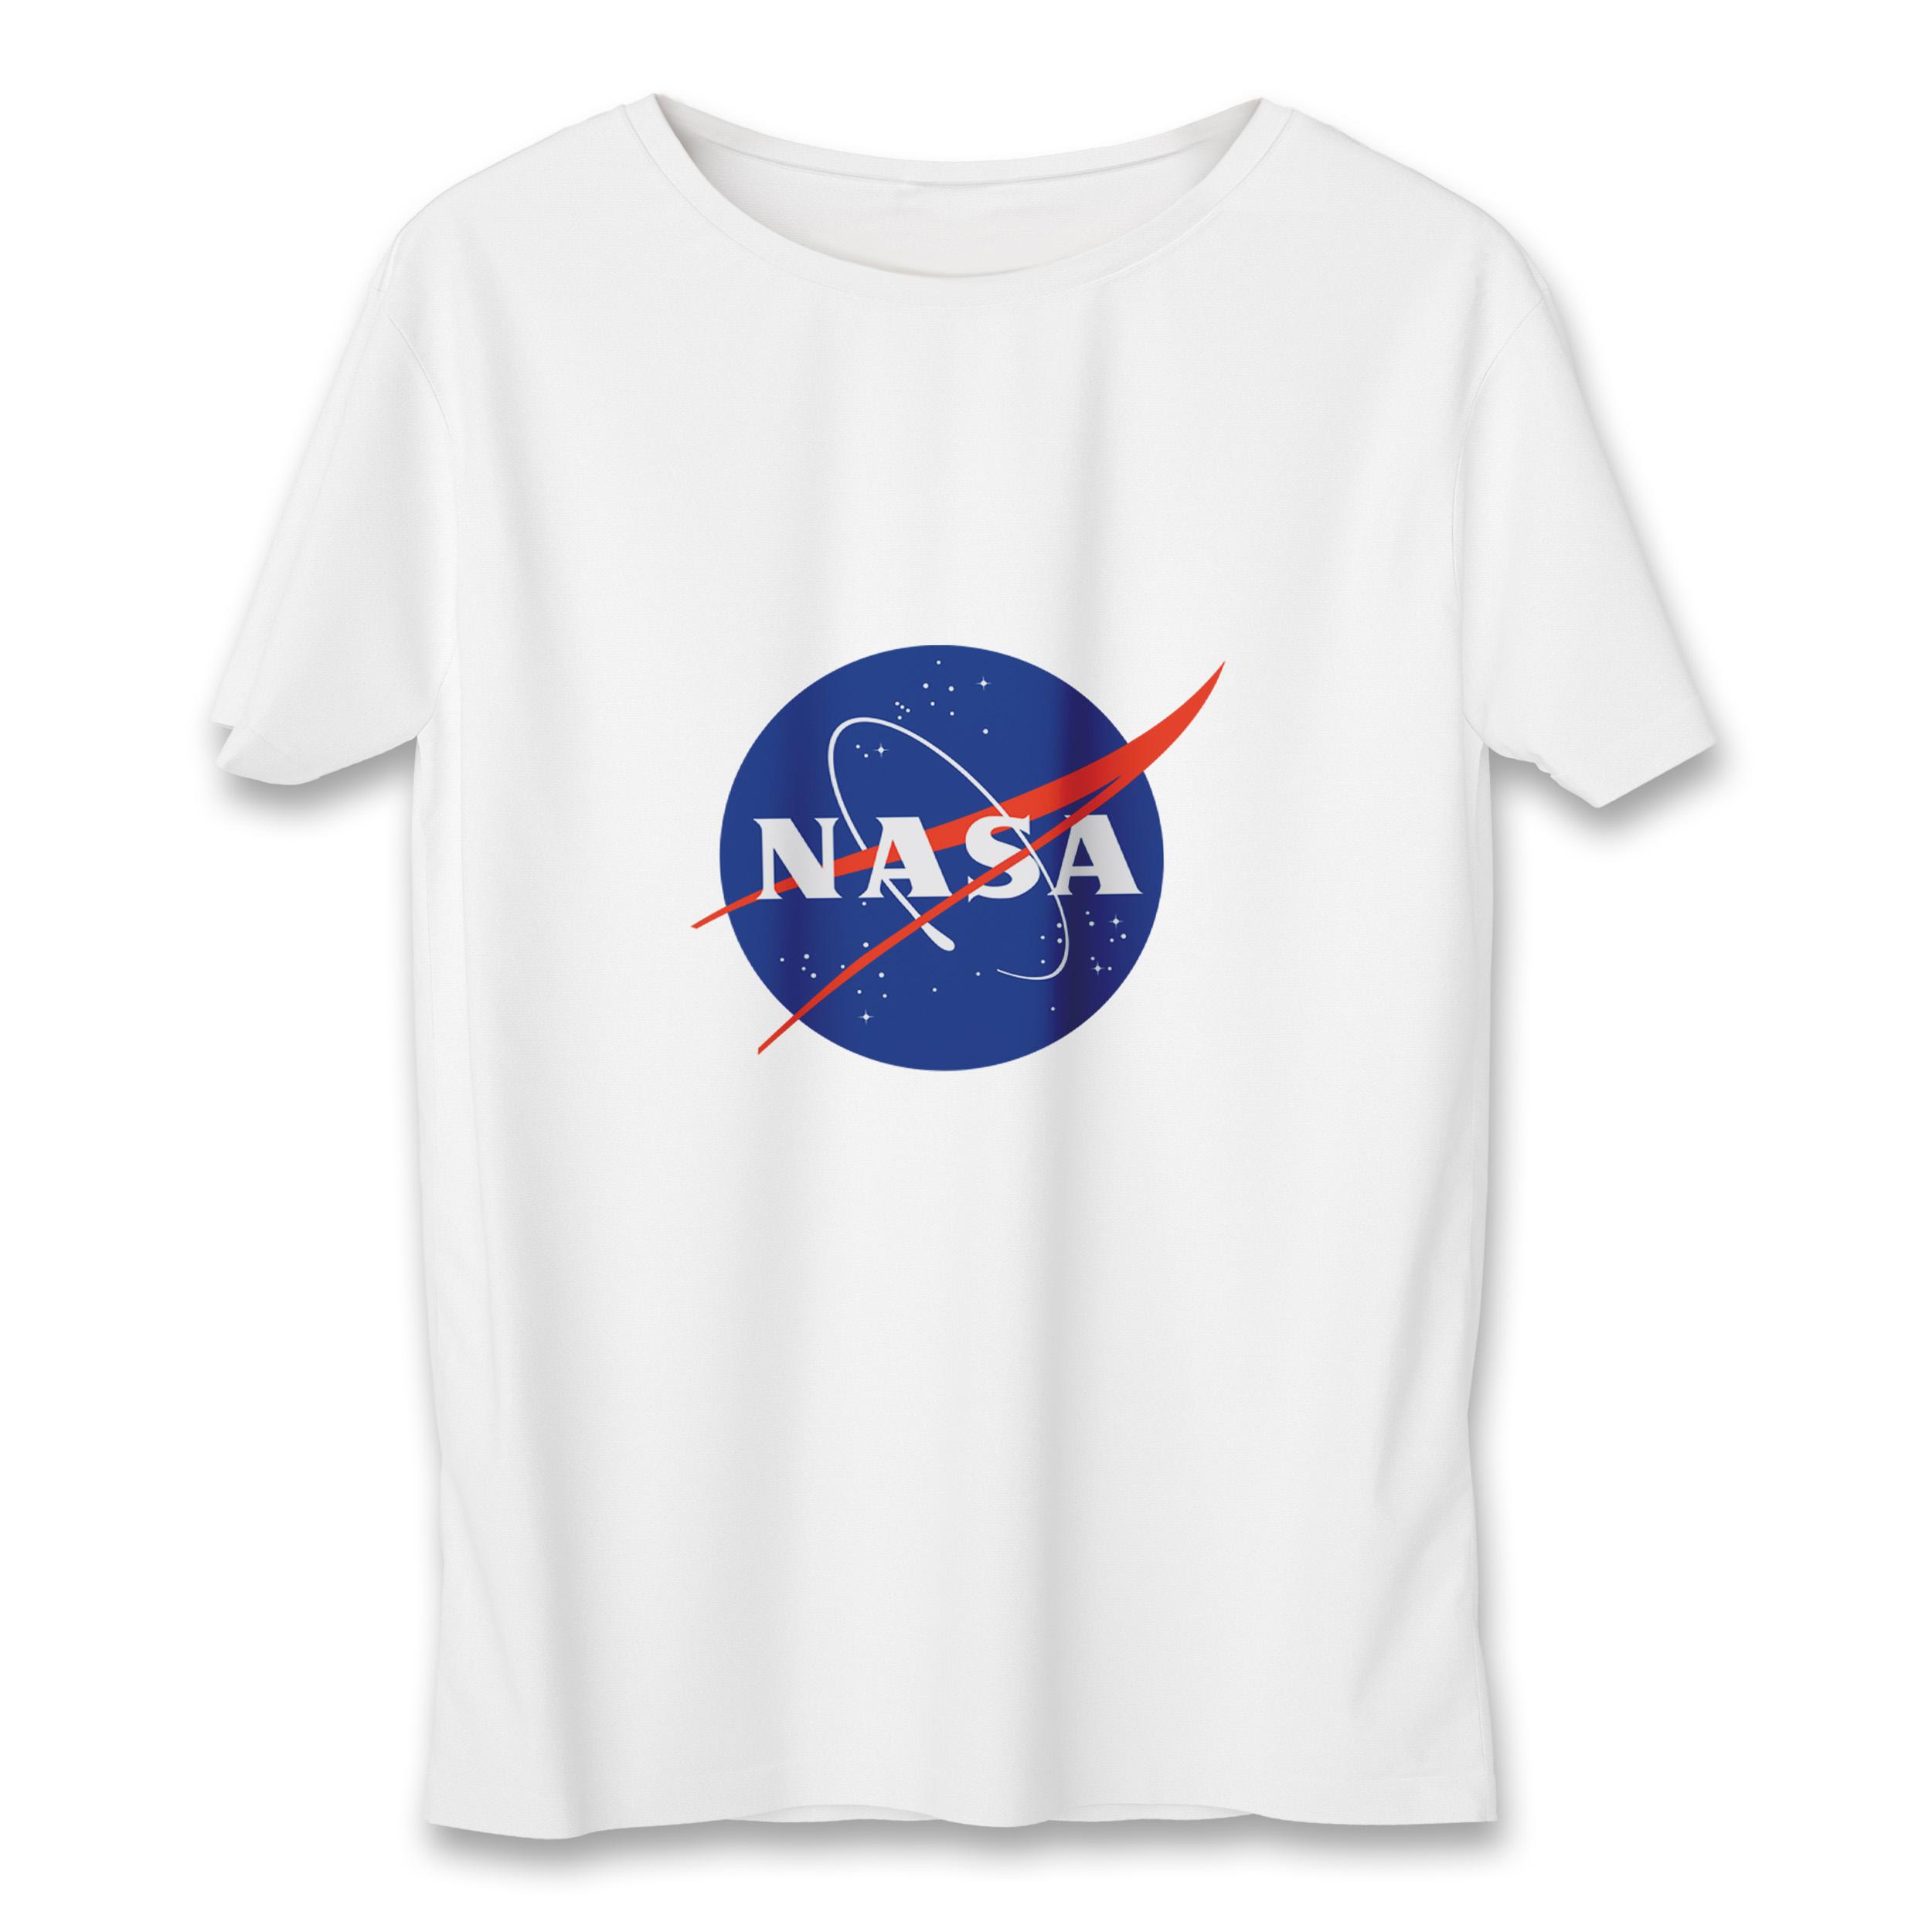 تی شرت مردانه به رسم طرح ناسا کد385